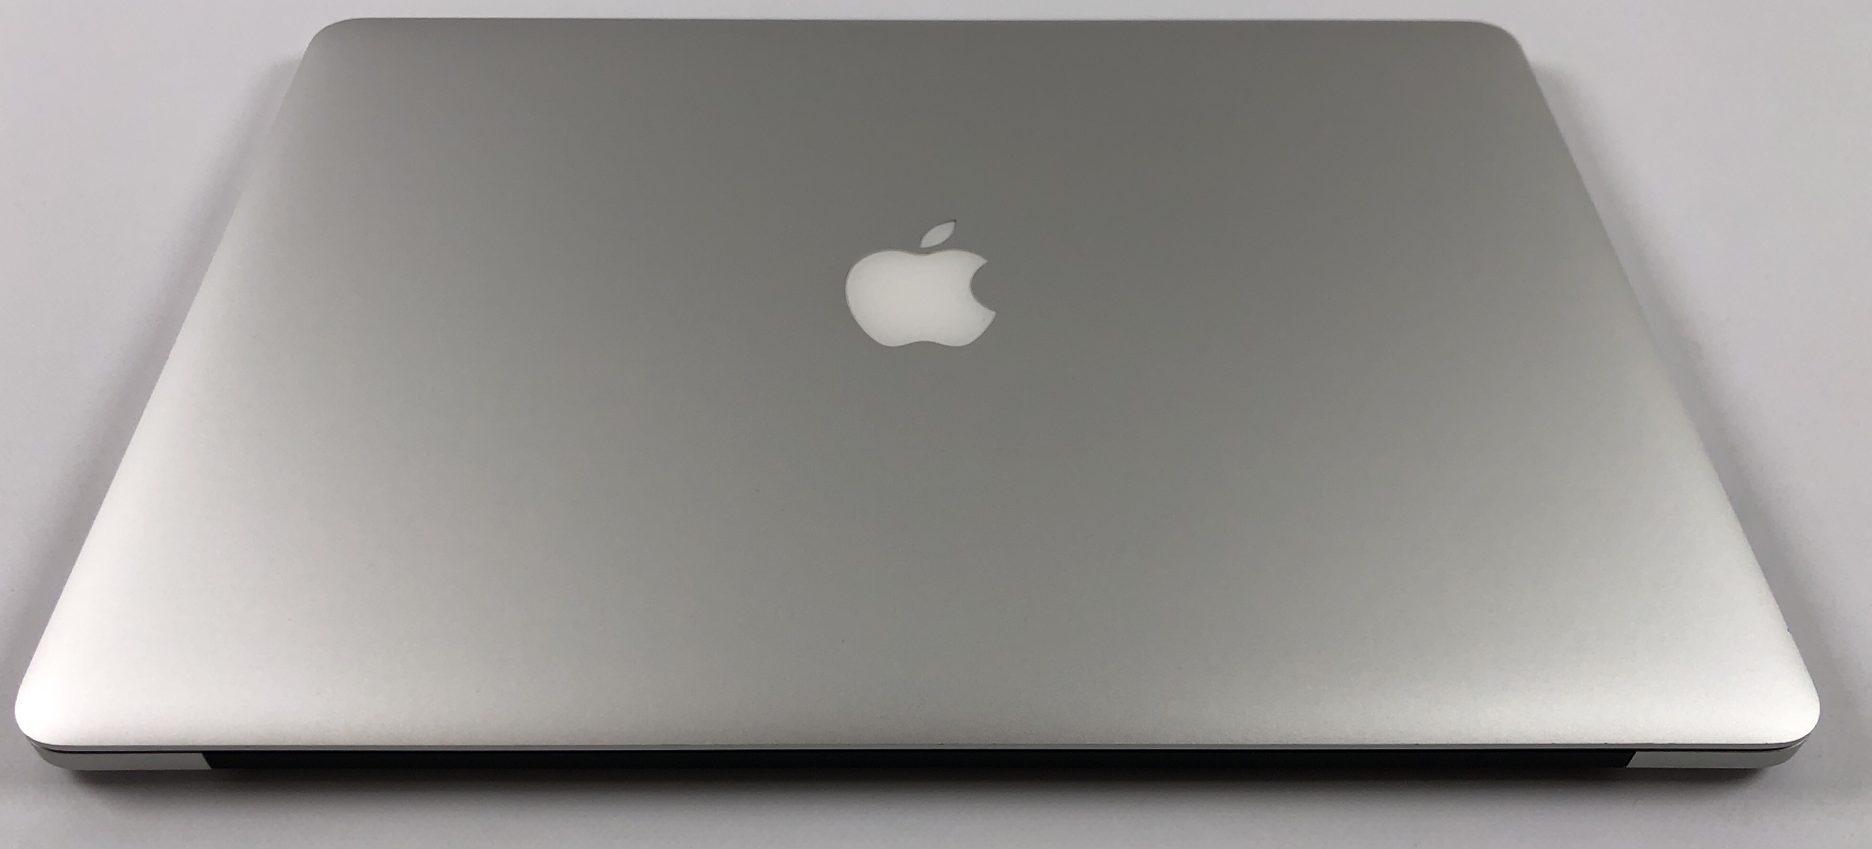 """MacBook Pro Retina 15"""" Mid 2015 (Intel Quad-Core i7 2.5 GHz 16 GB RAM 512 GB SSD), Intel Quad-Core i7 2.8 GHz, 16 GB RAM, 512 GB SSD, Bild 2"""